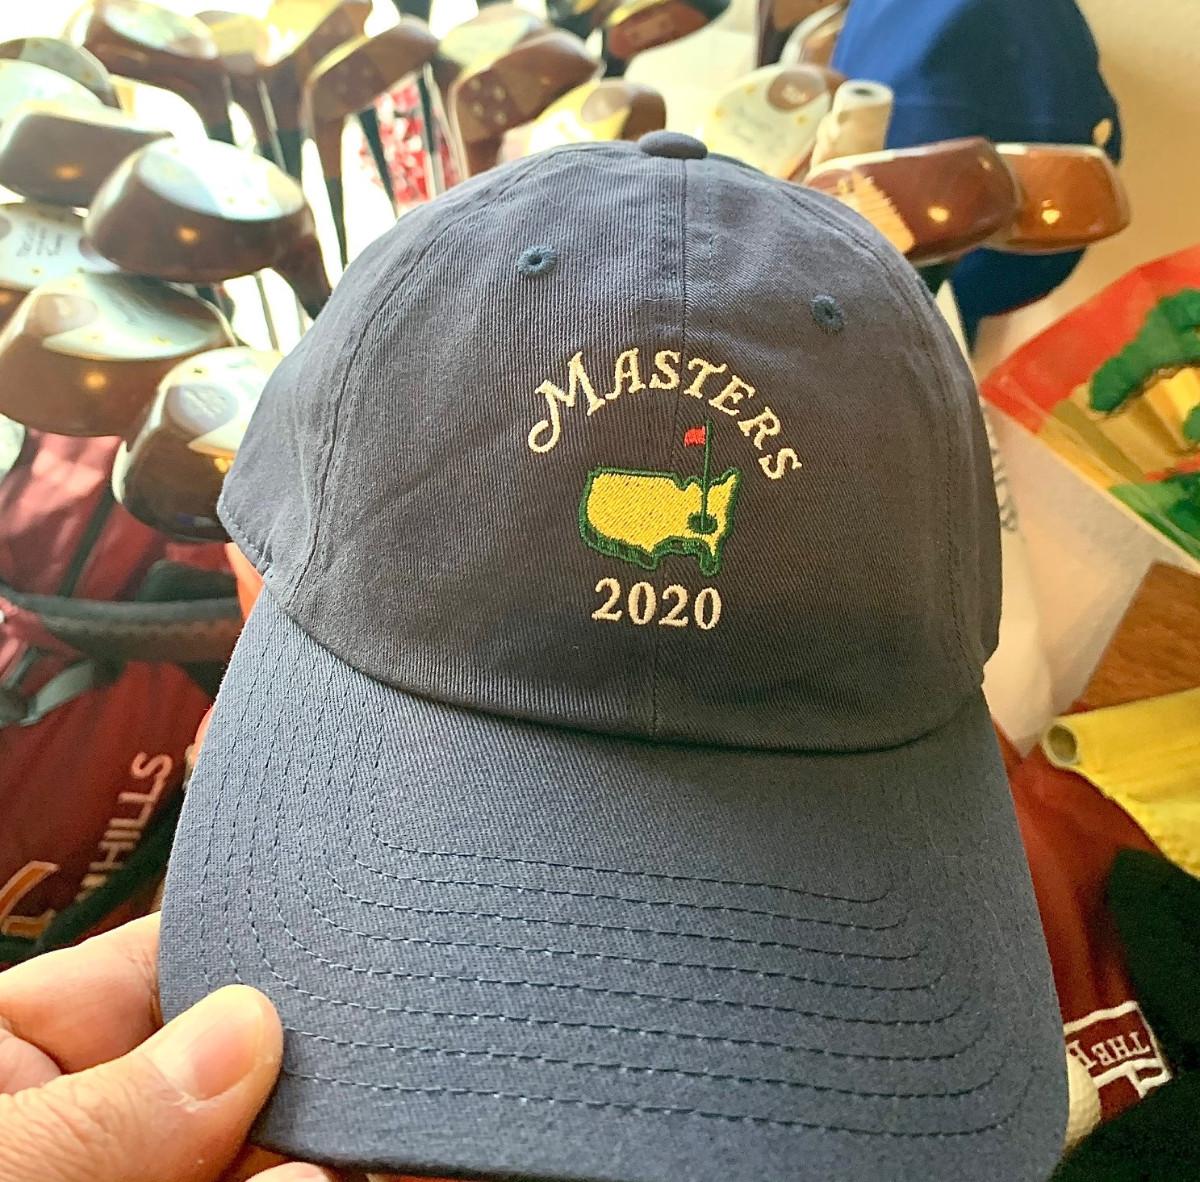 2020 Maasters Hat.jpg